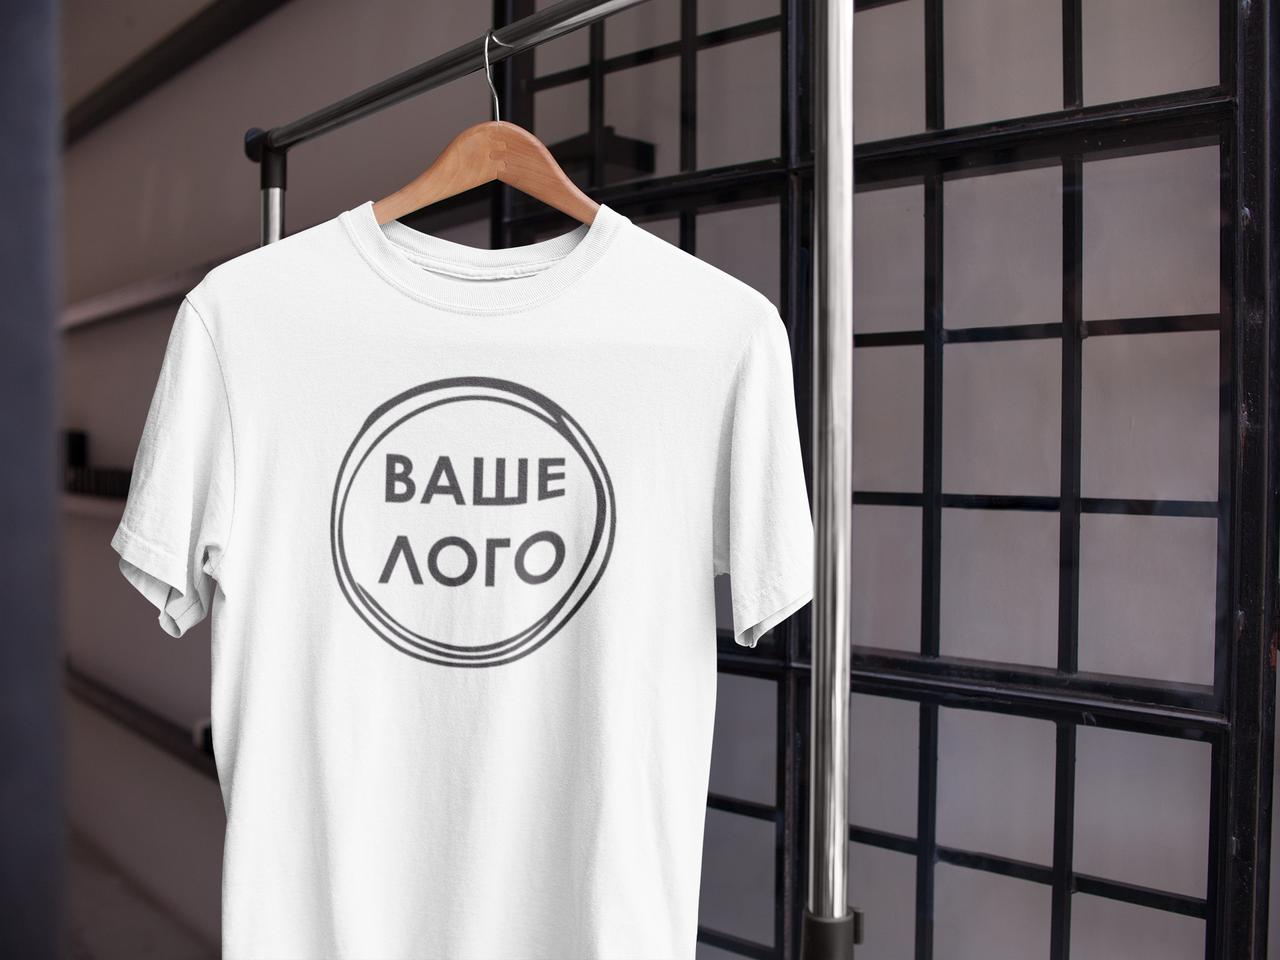 Футболка с логотипом / брендированная футболка